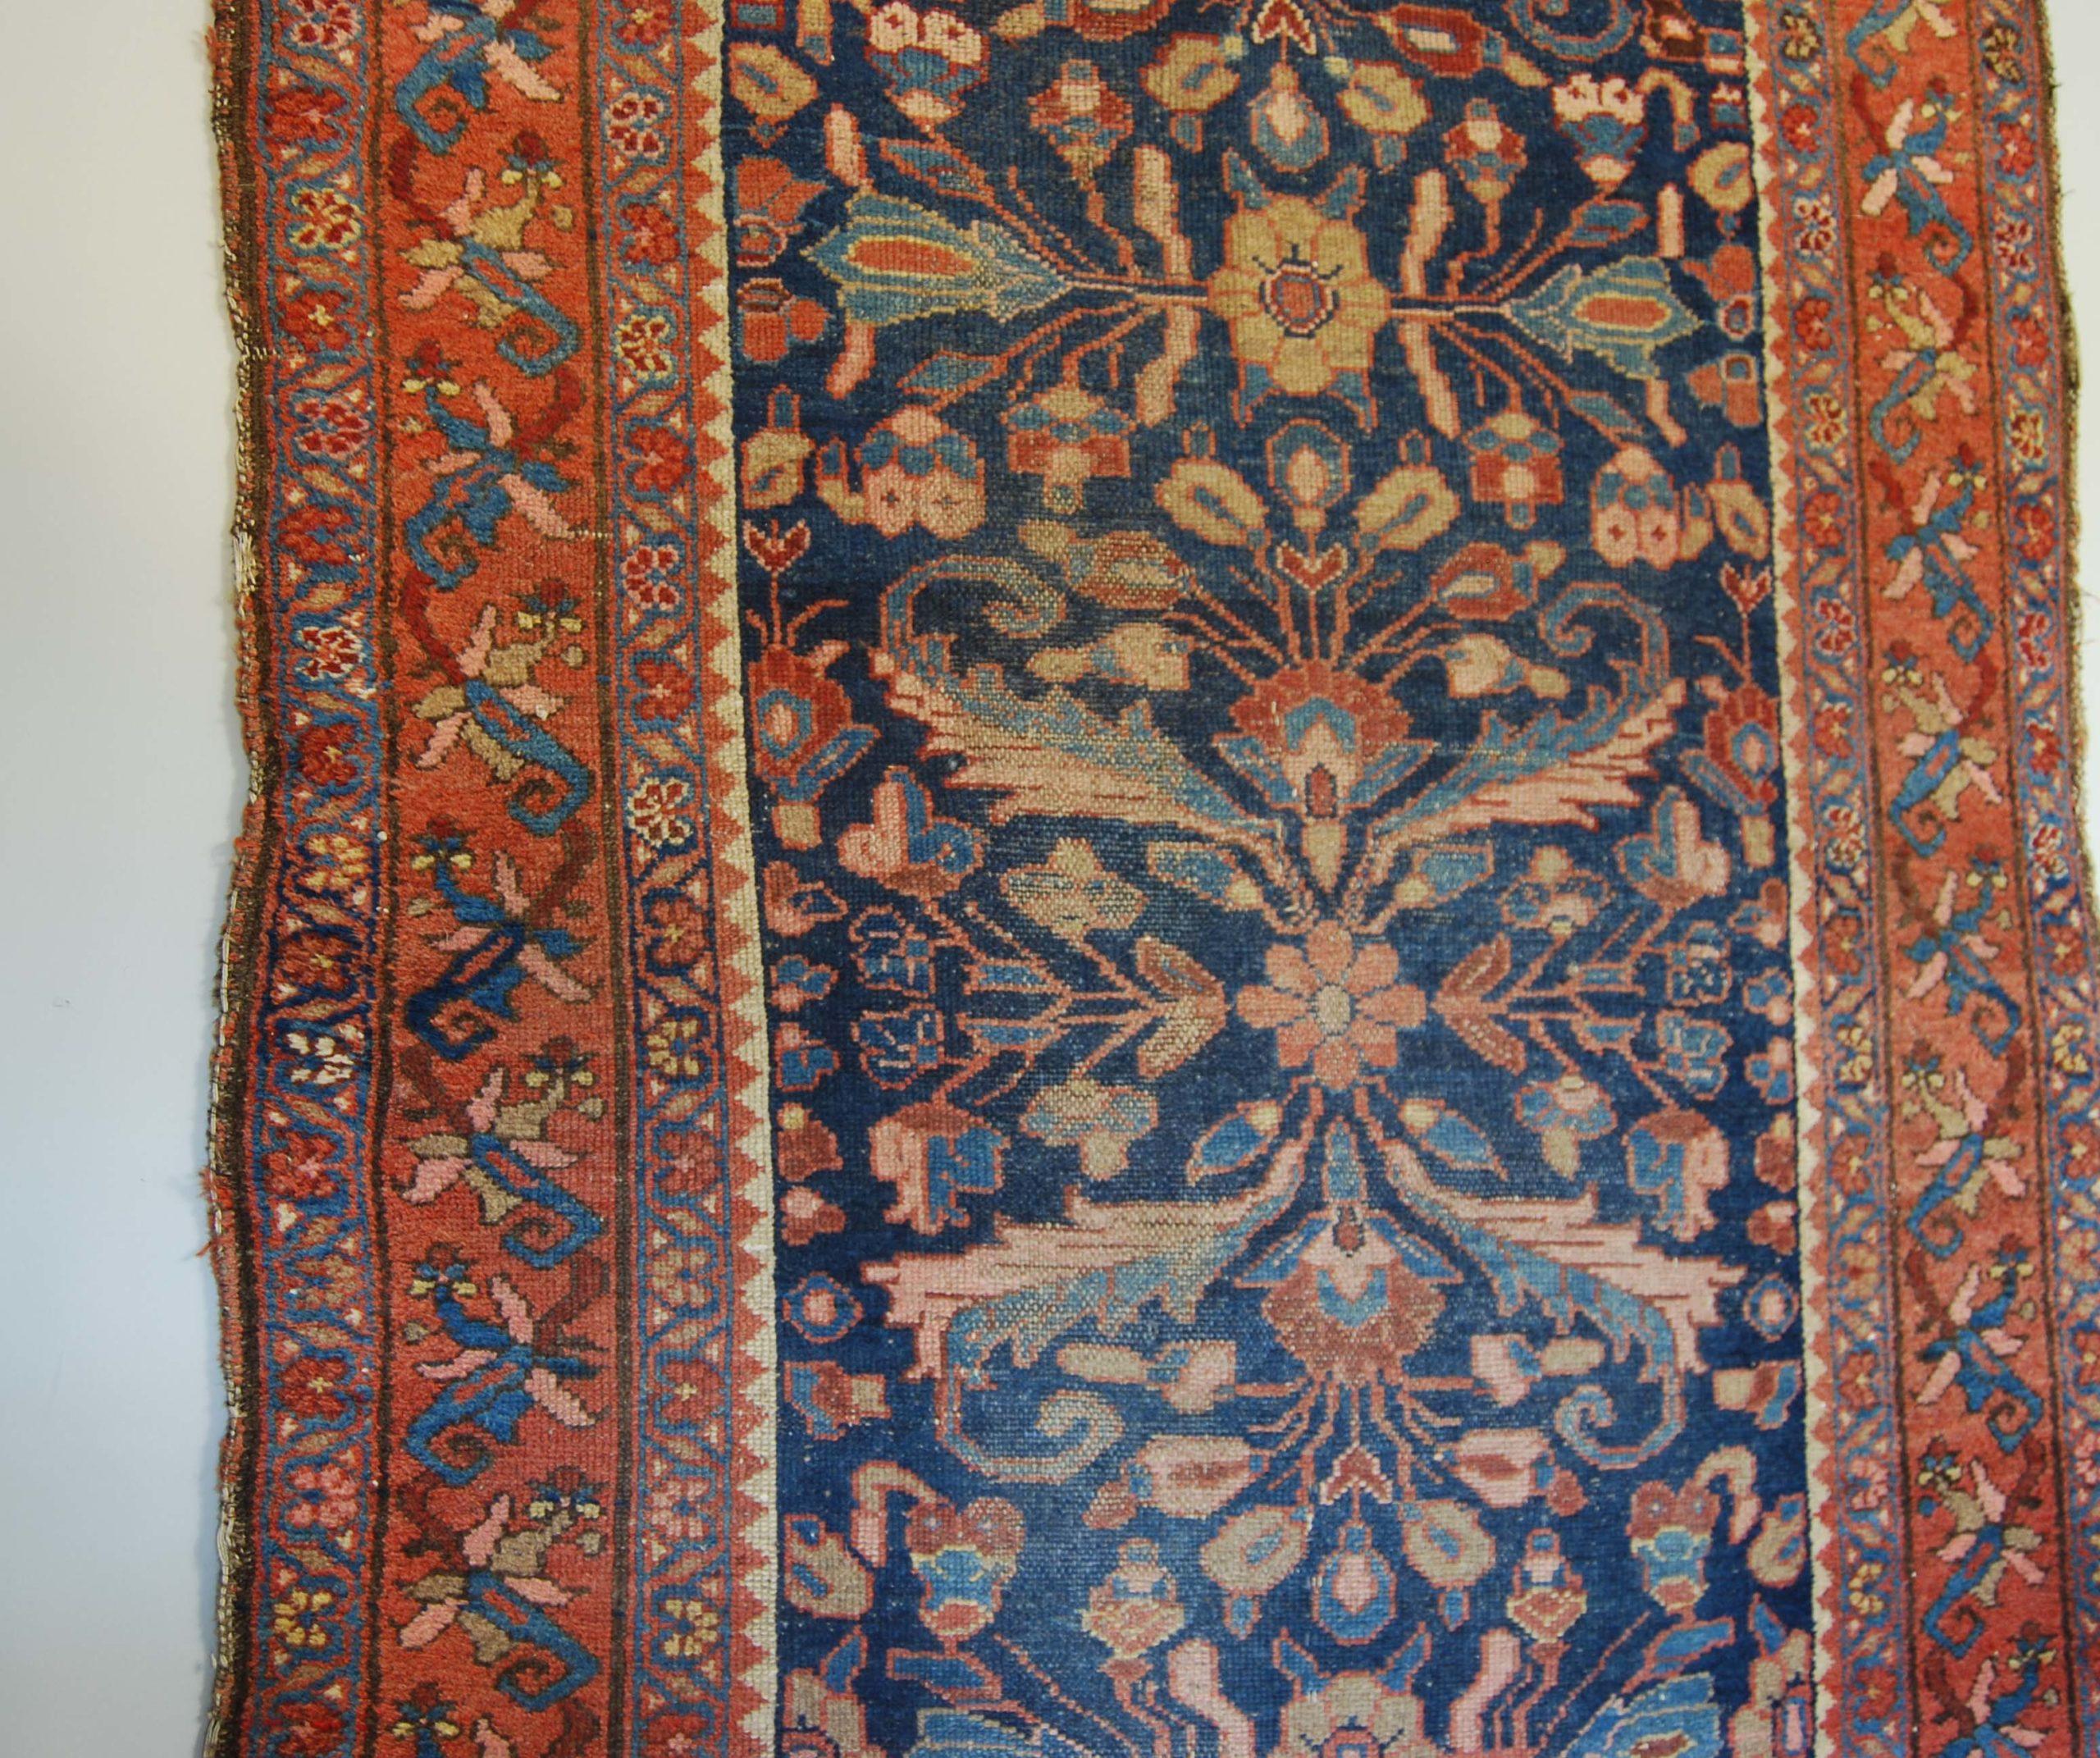 A Hamadan rug-131494